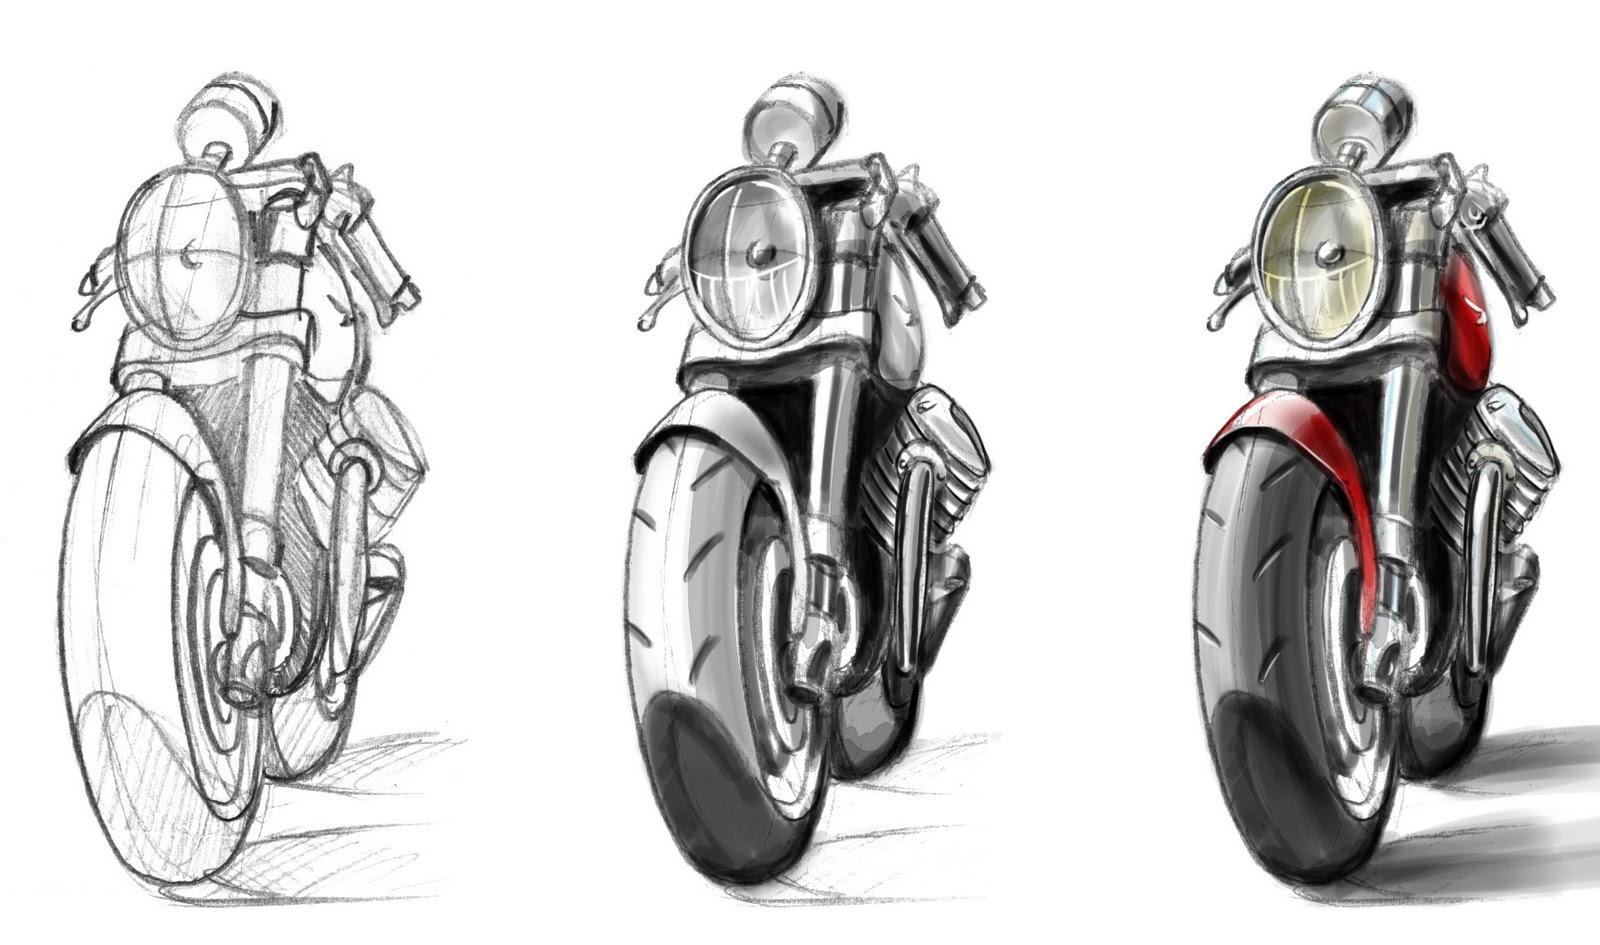 Moto Design E Passioni Alcuni Miei Schizzi